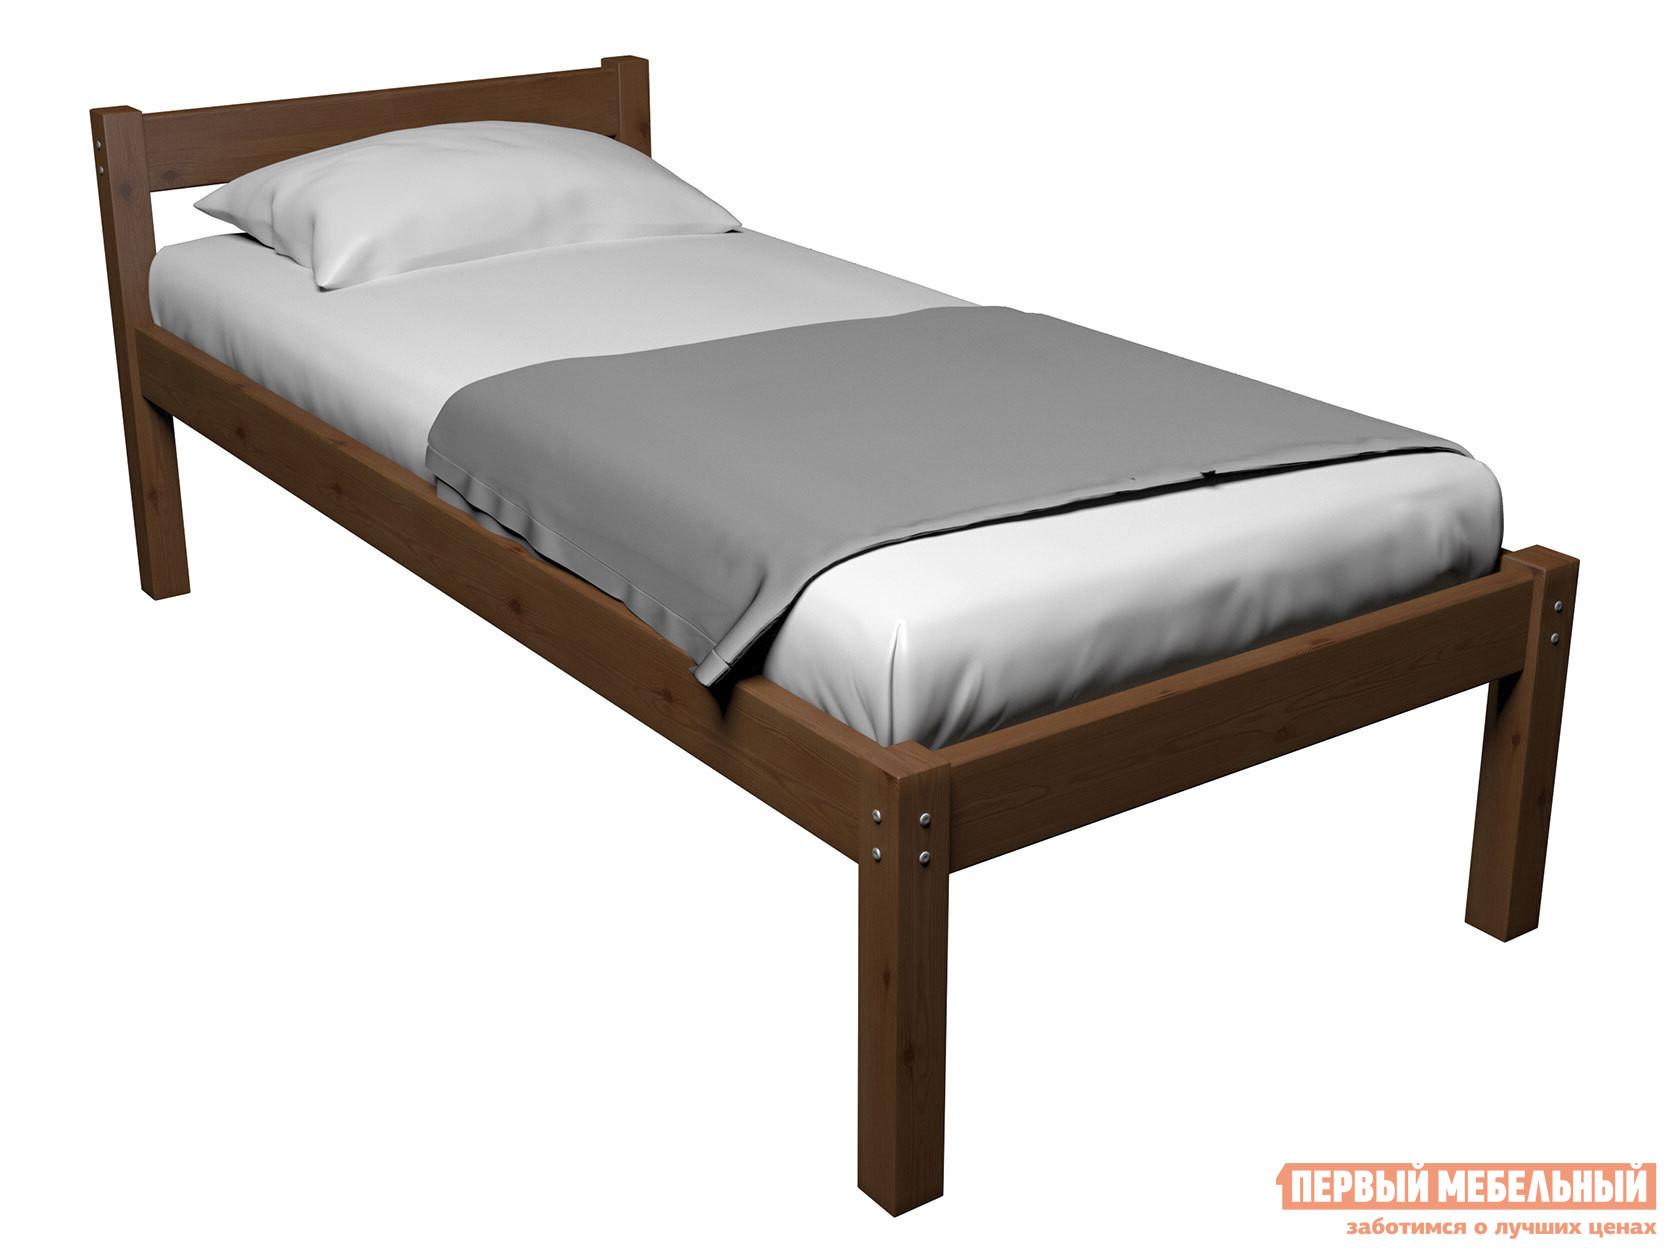 Детская кровать  Кровать Герда Орех, 80х160 — Кровать Герда Орех, 80х160